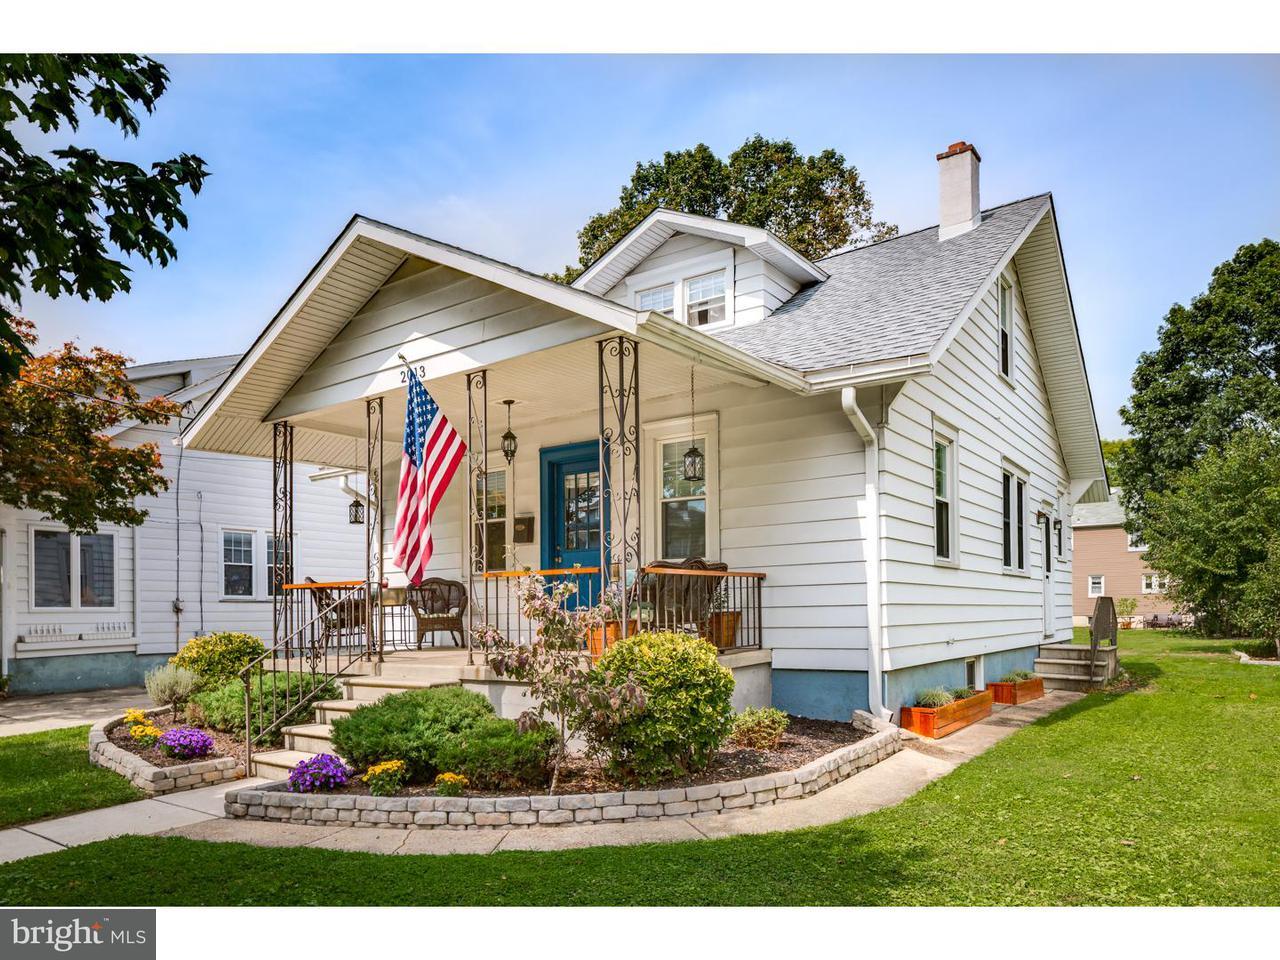 Частный односемейный дом для того Аренда на 2013 SYCAMORE Street Haddon Heights, Нью-Джерси 08035 Соединенные Штаты